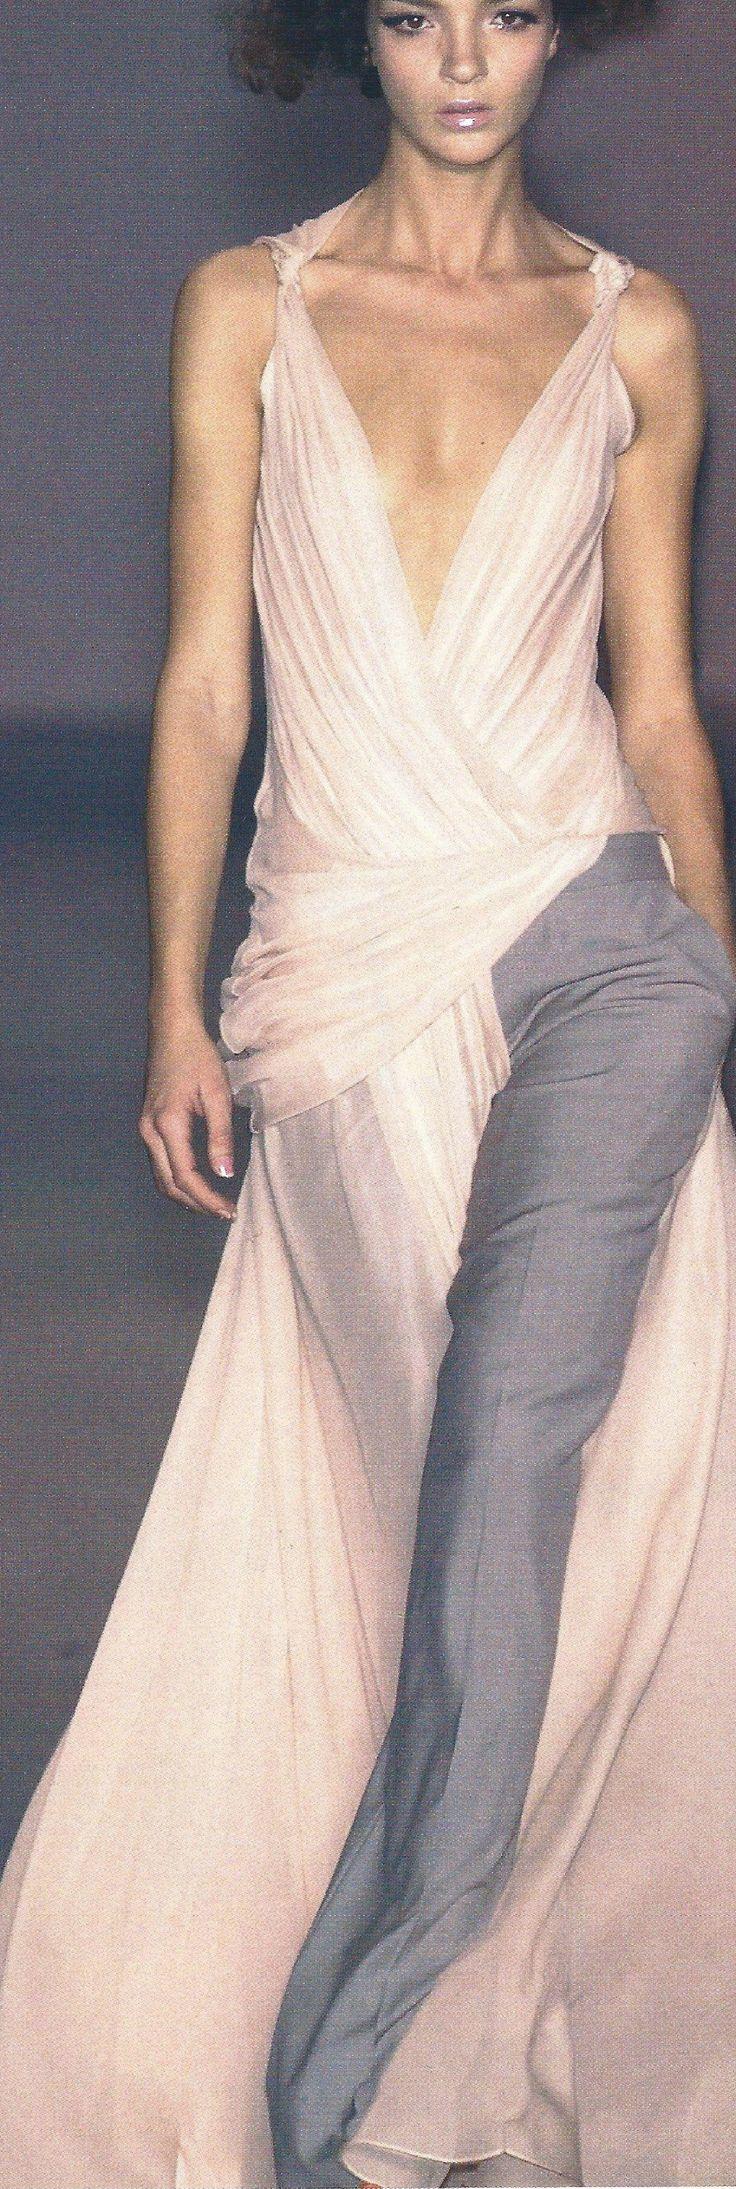 Wonderfull dress: Viktor & Rolf.